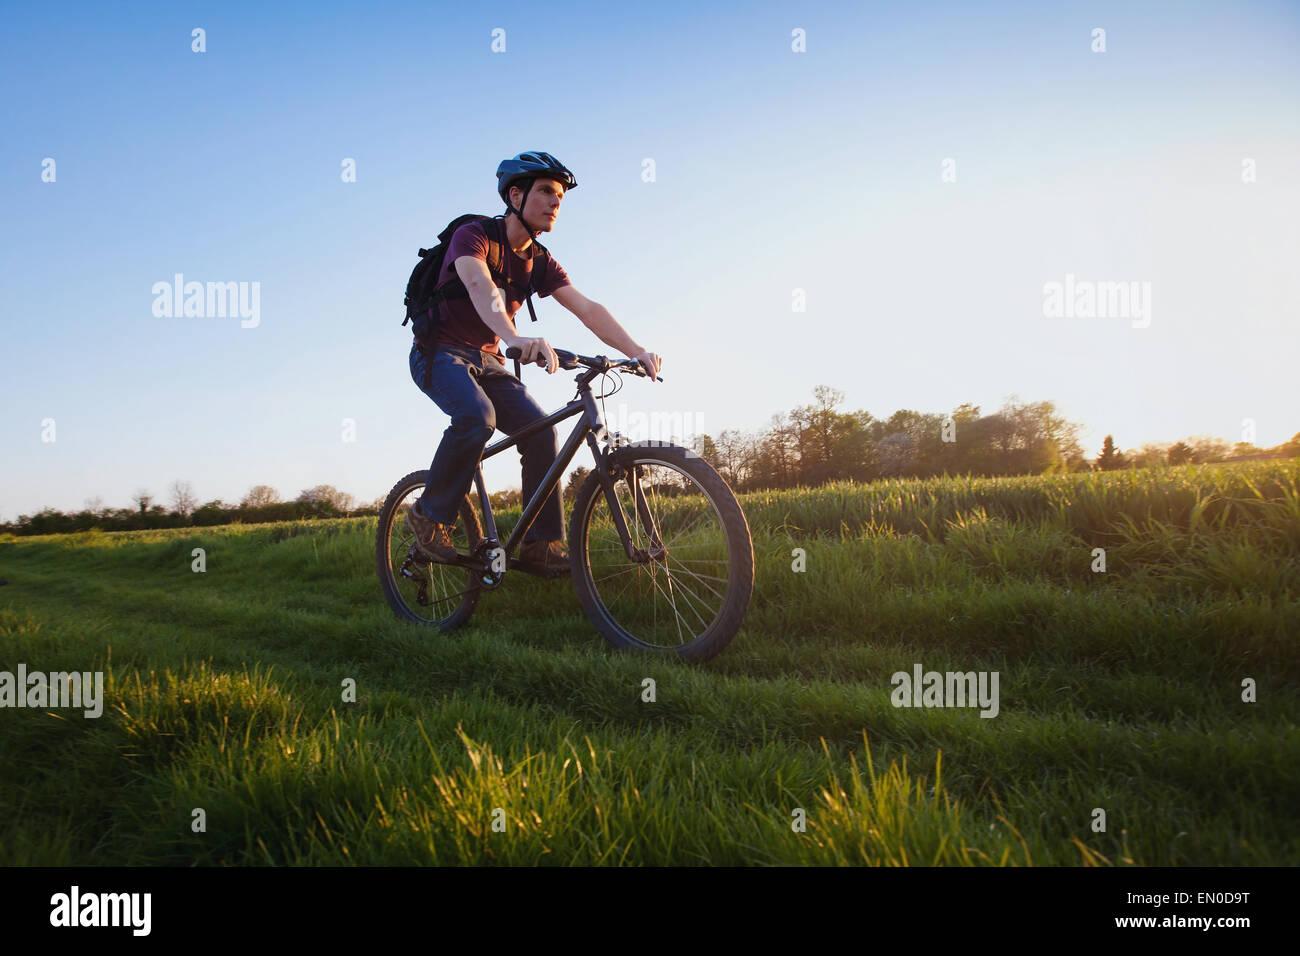 Sport de plein air, young man riding bicycle dans la nature Photo Stock